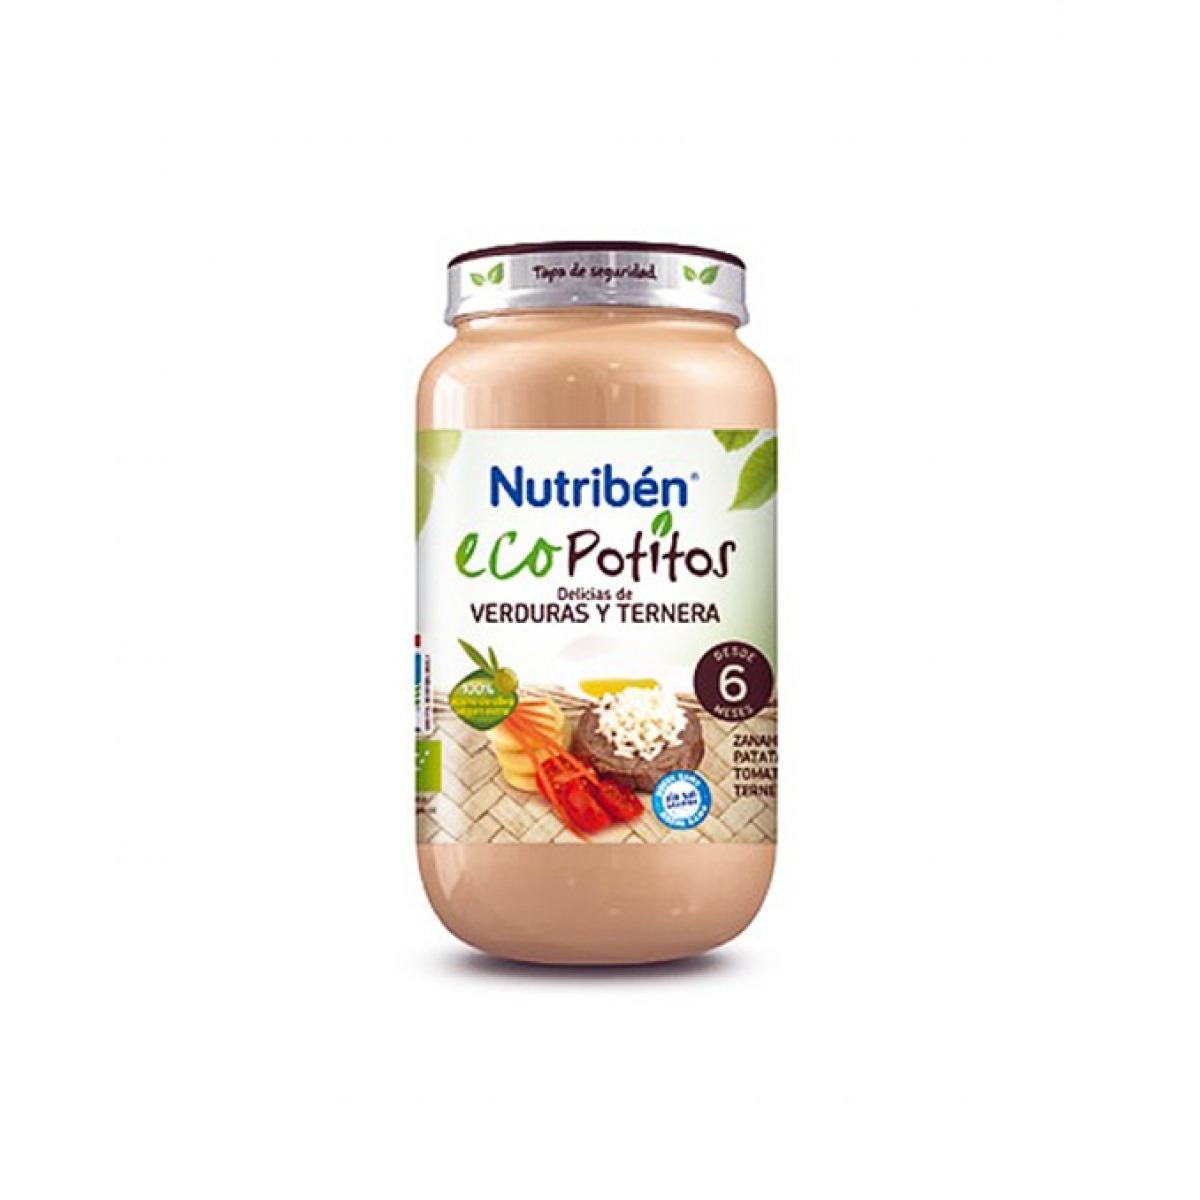 NUTRIBEN ECOPOTITOS POLLO CON VERDURAS SELECTAS 250 G.